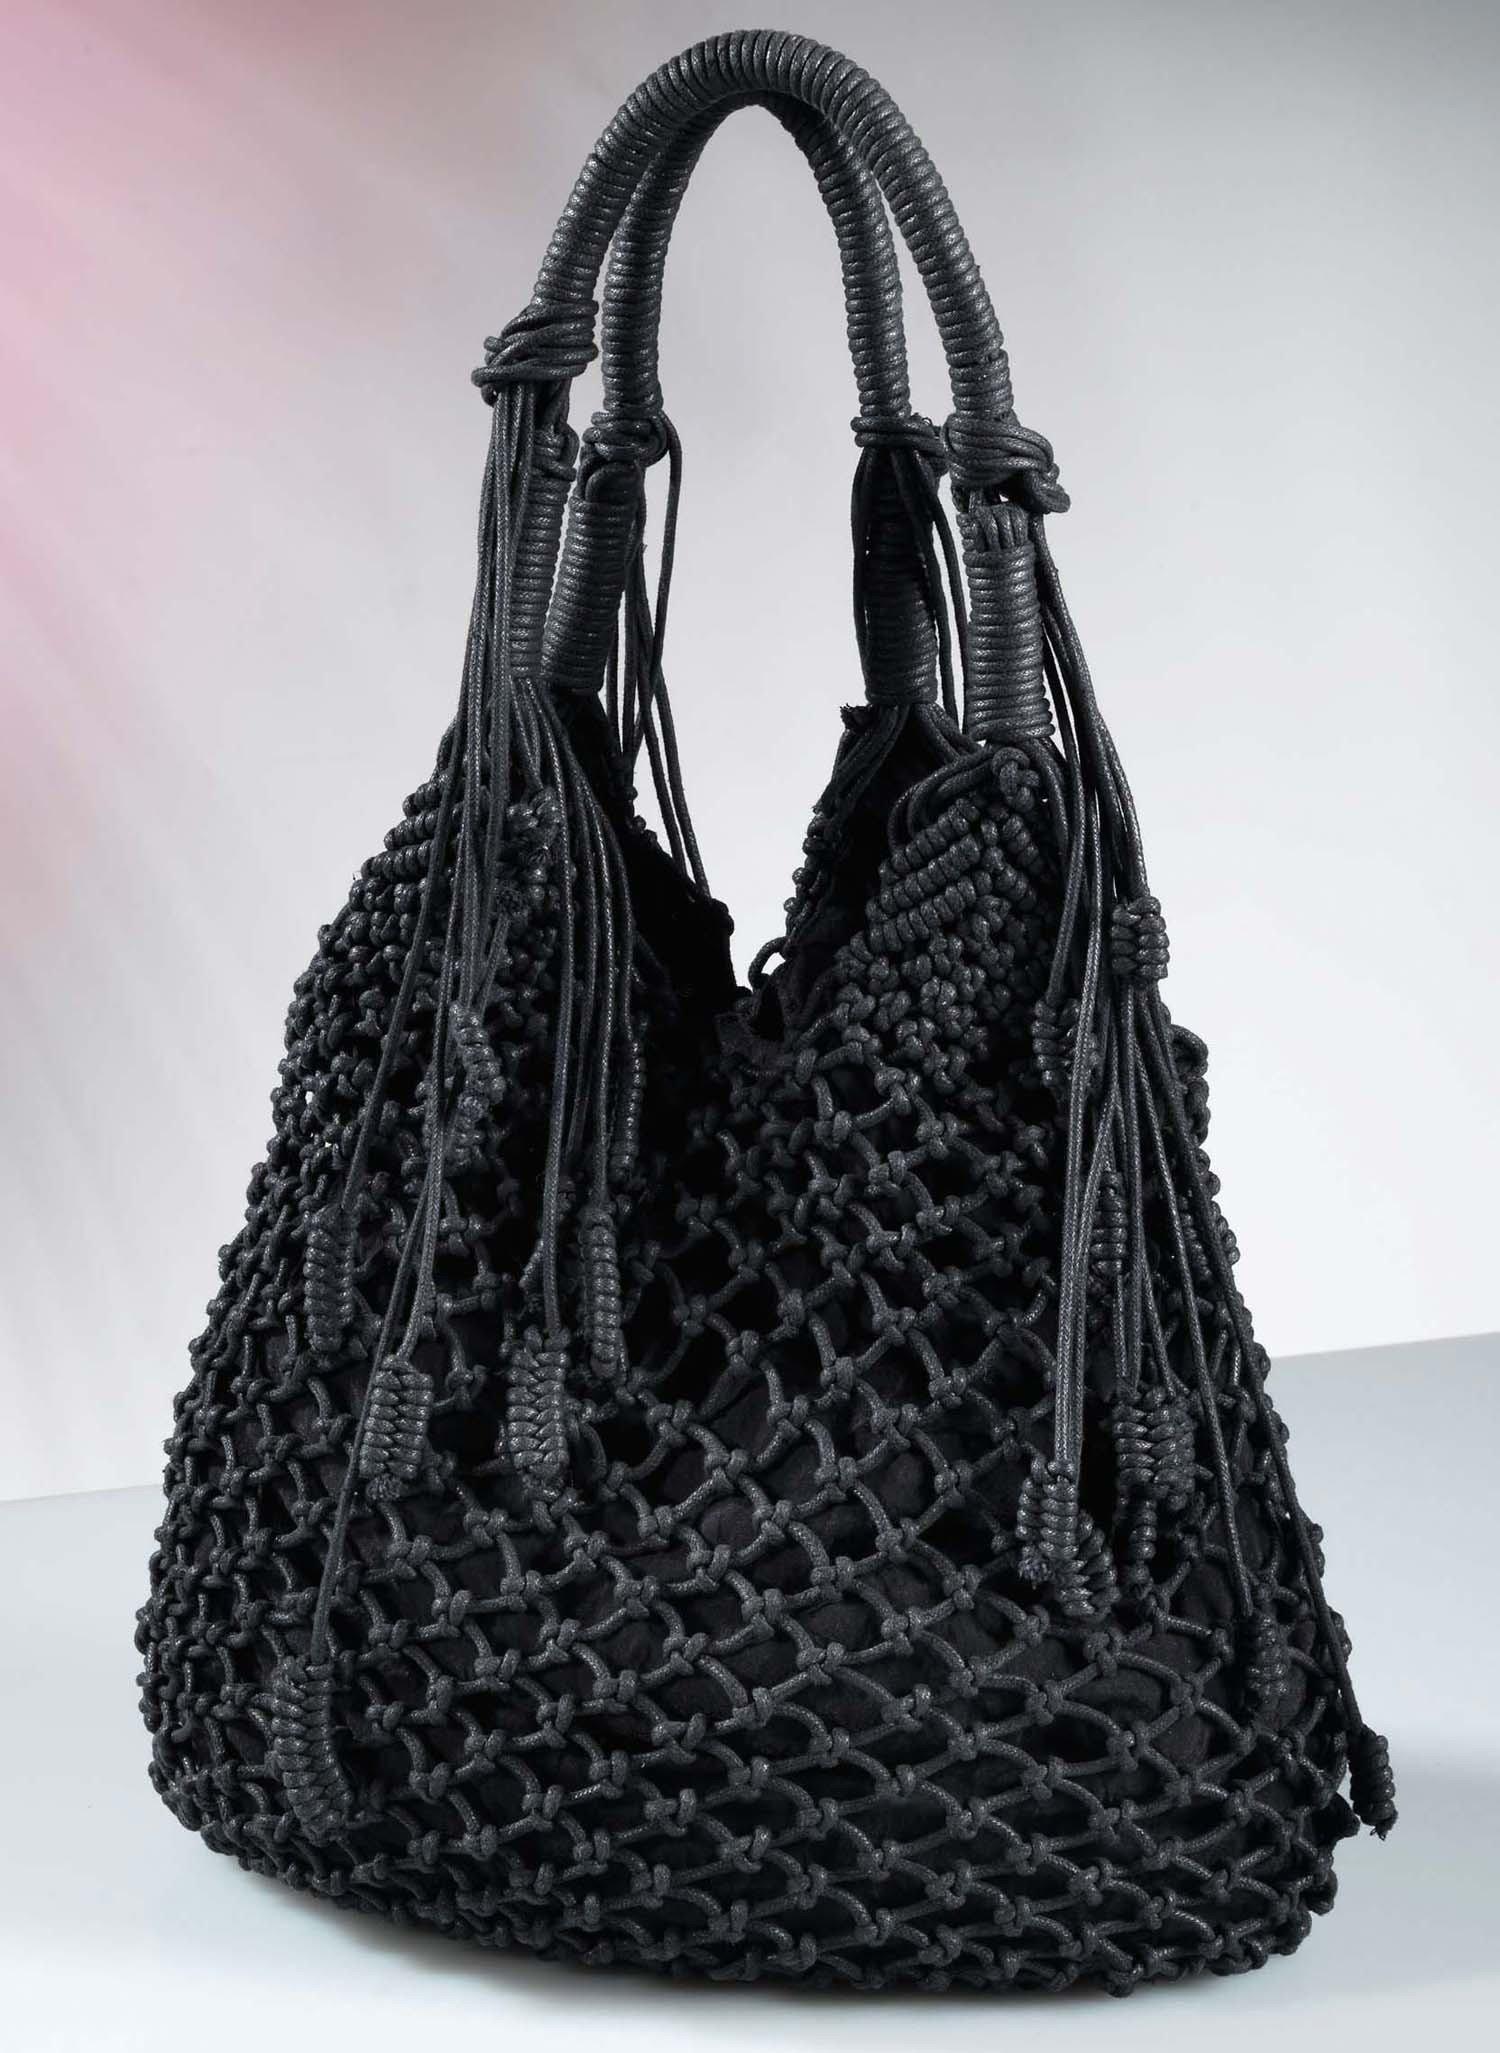 D-Handtasche,Netzknopf,schwarz - 1 - Ronja.ch